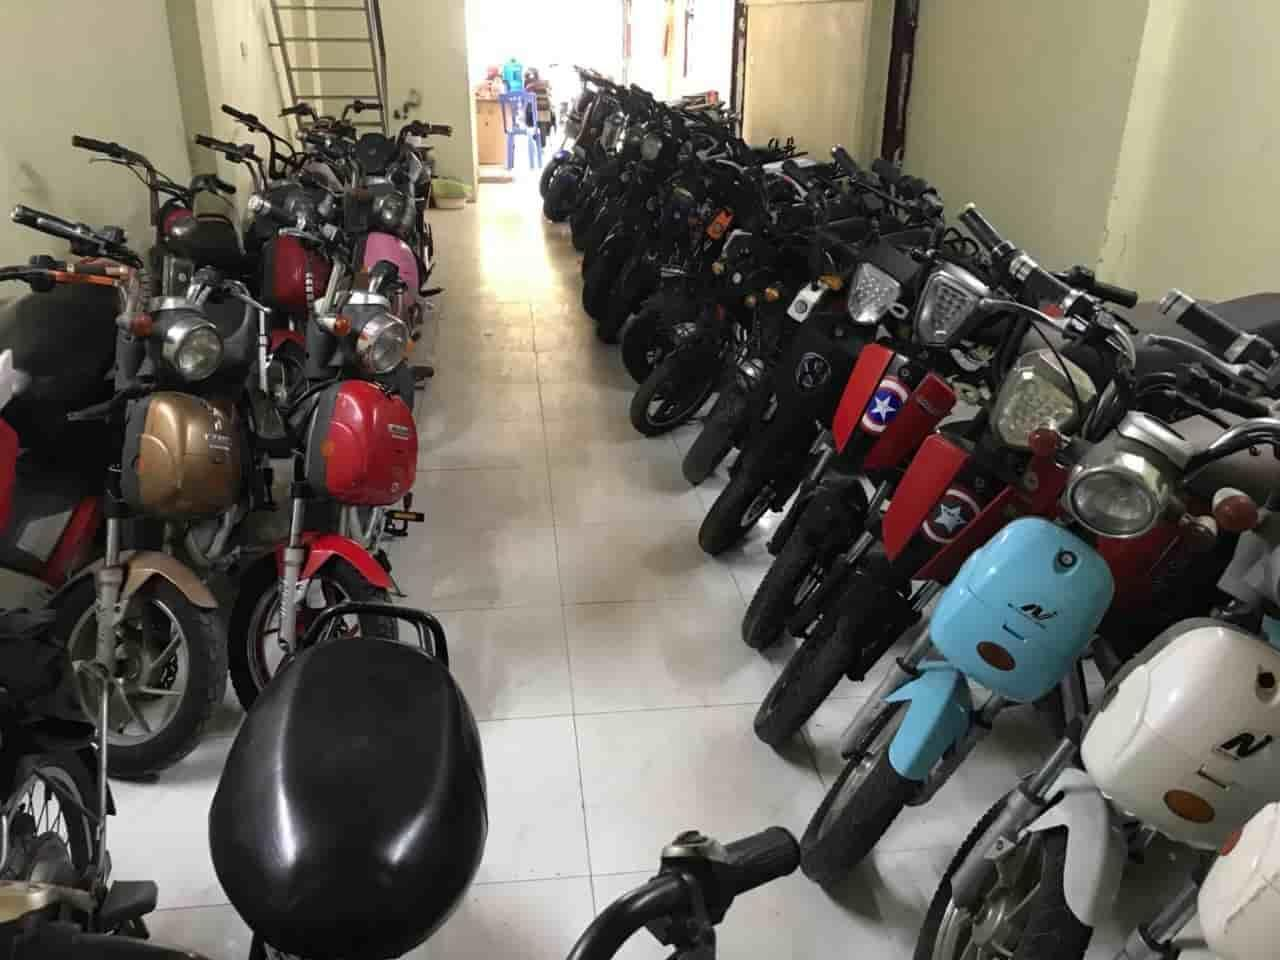 Xe Đạp Điện Cũ Đức Giang - Long Biên - Hà Nội Uy Tín Số 1 Tại Hà Nội